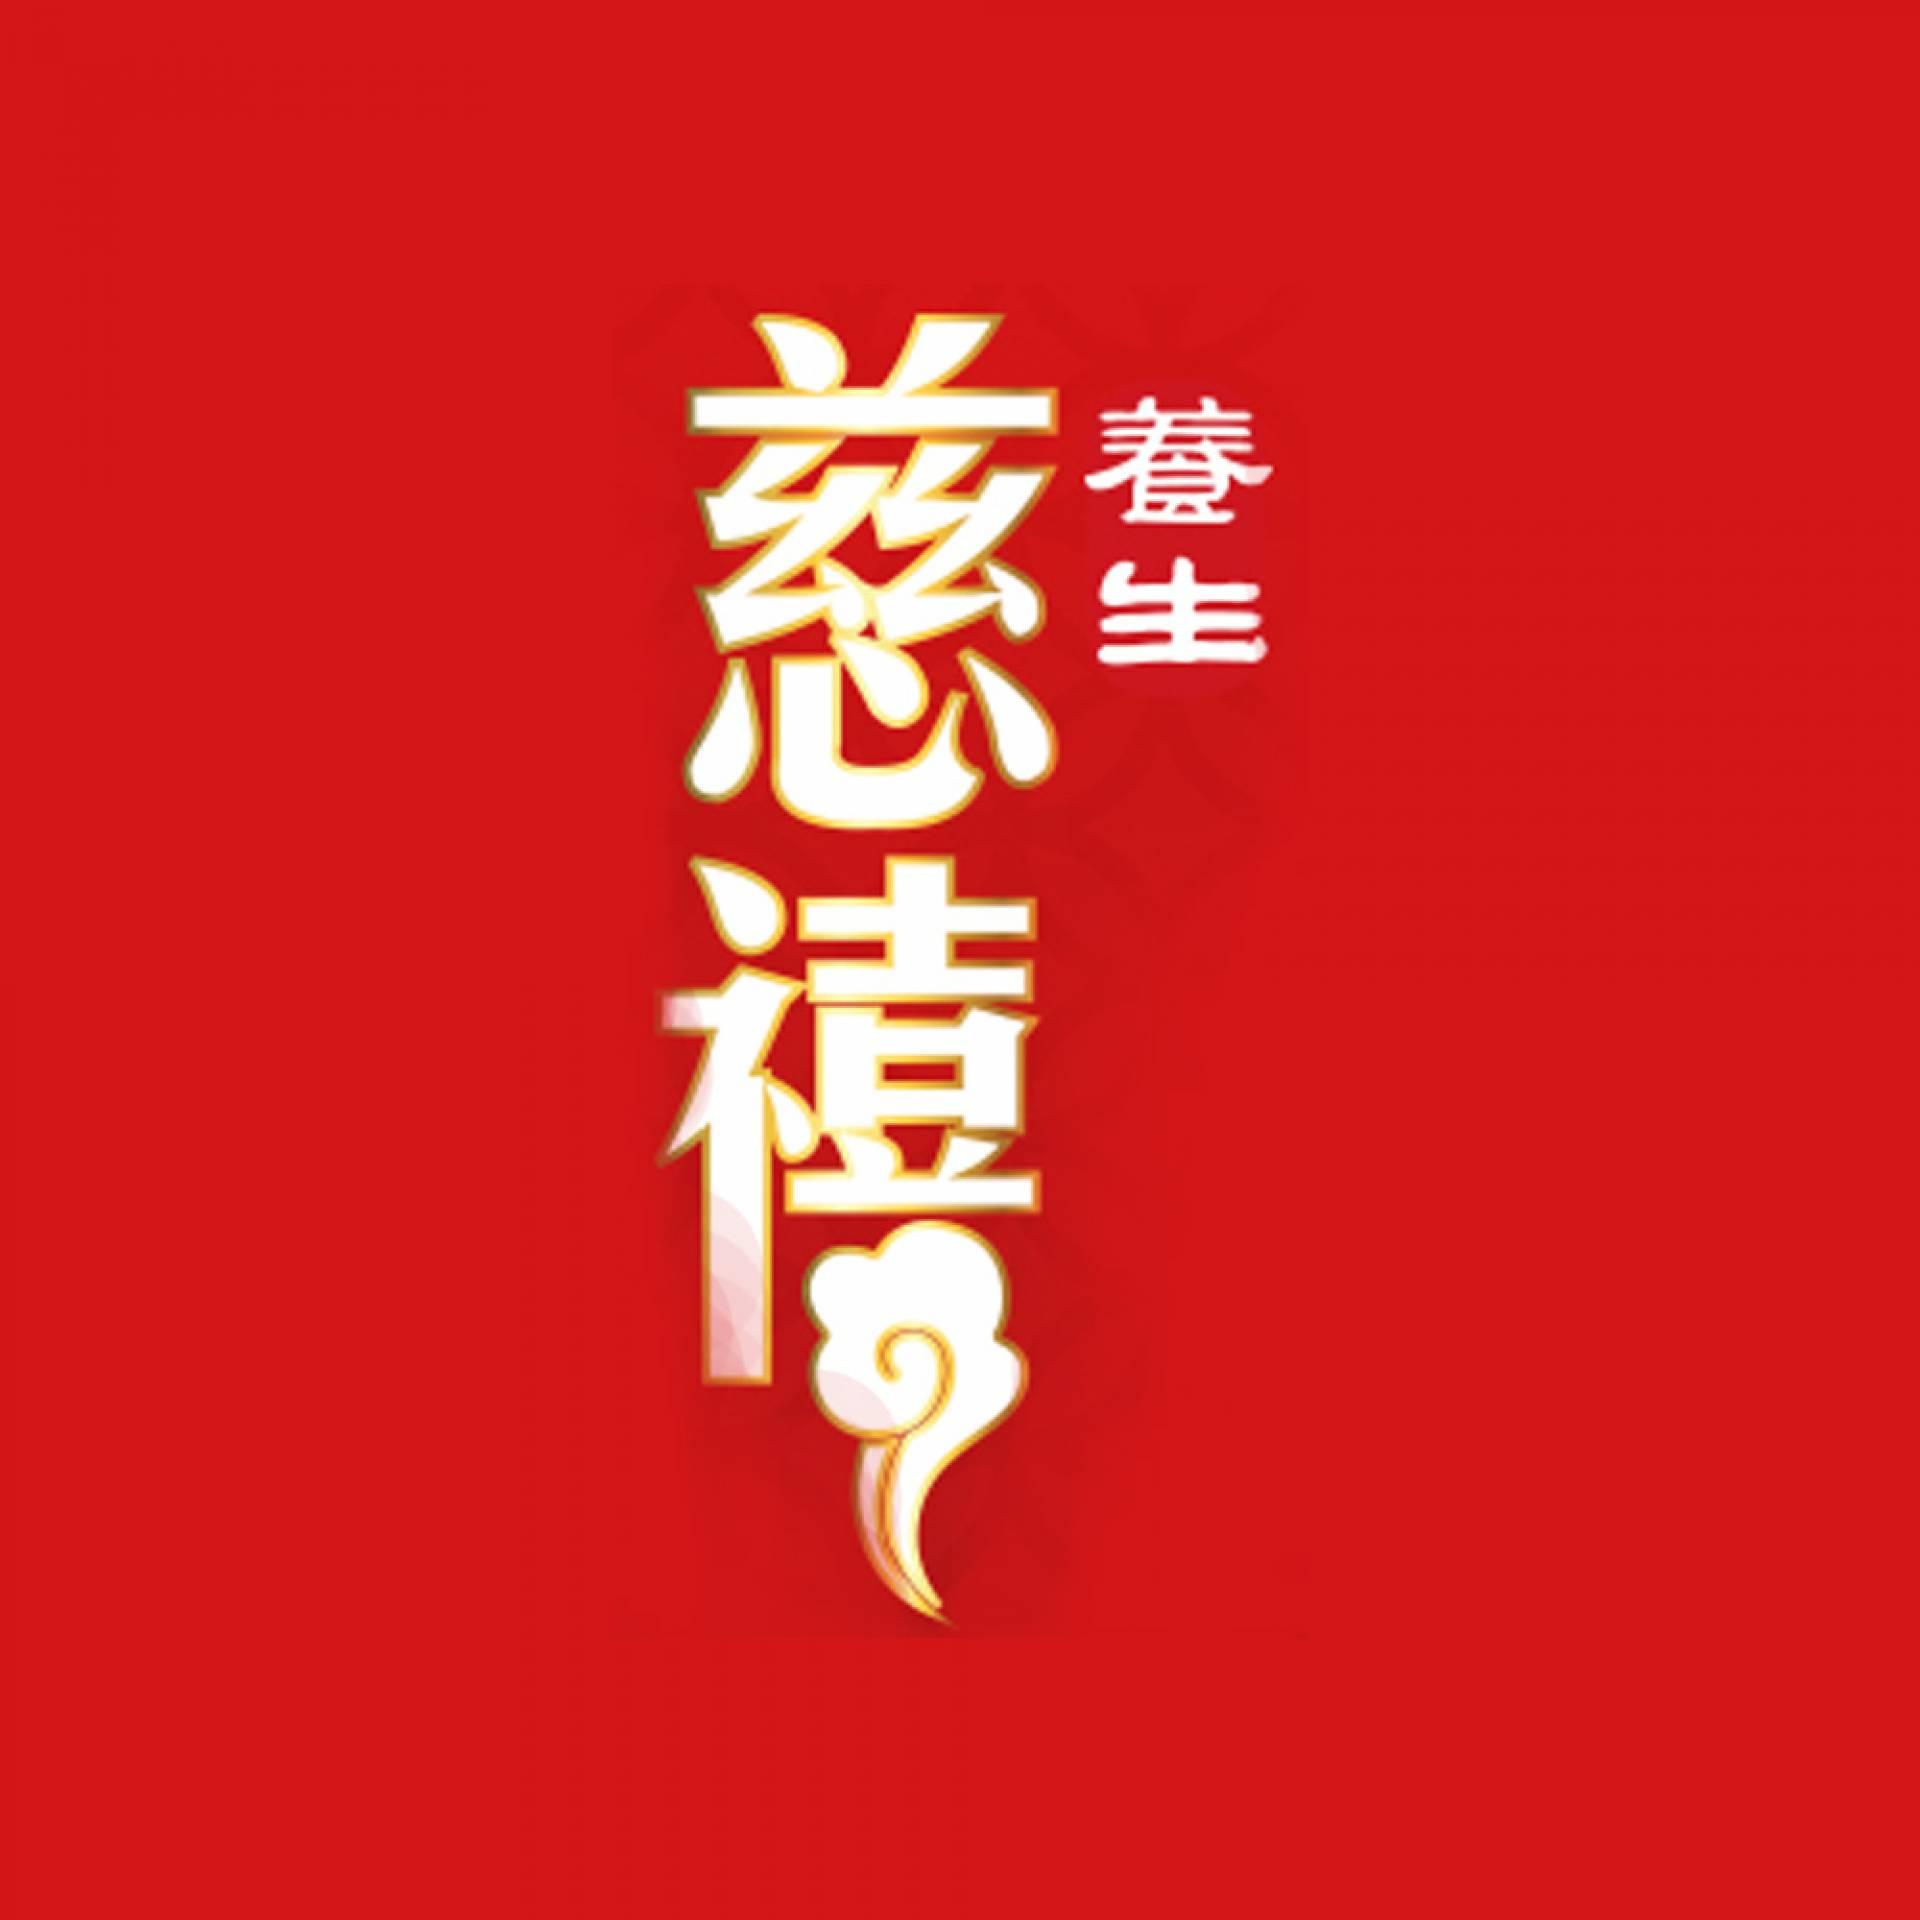 Cixi 慈禧